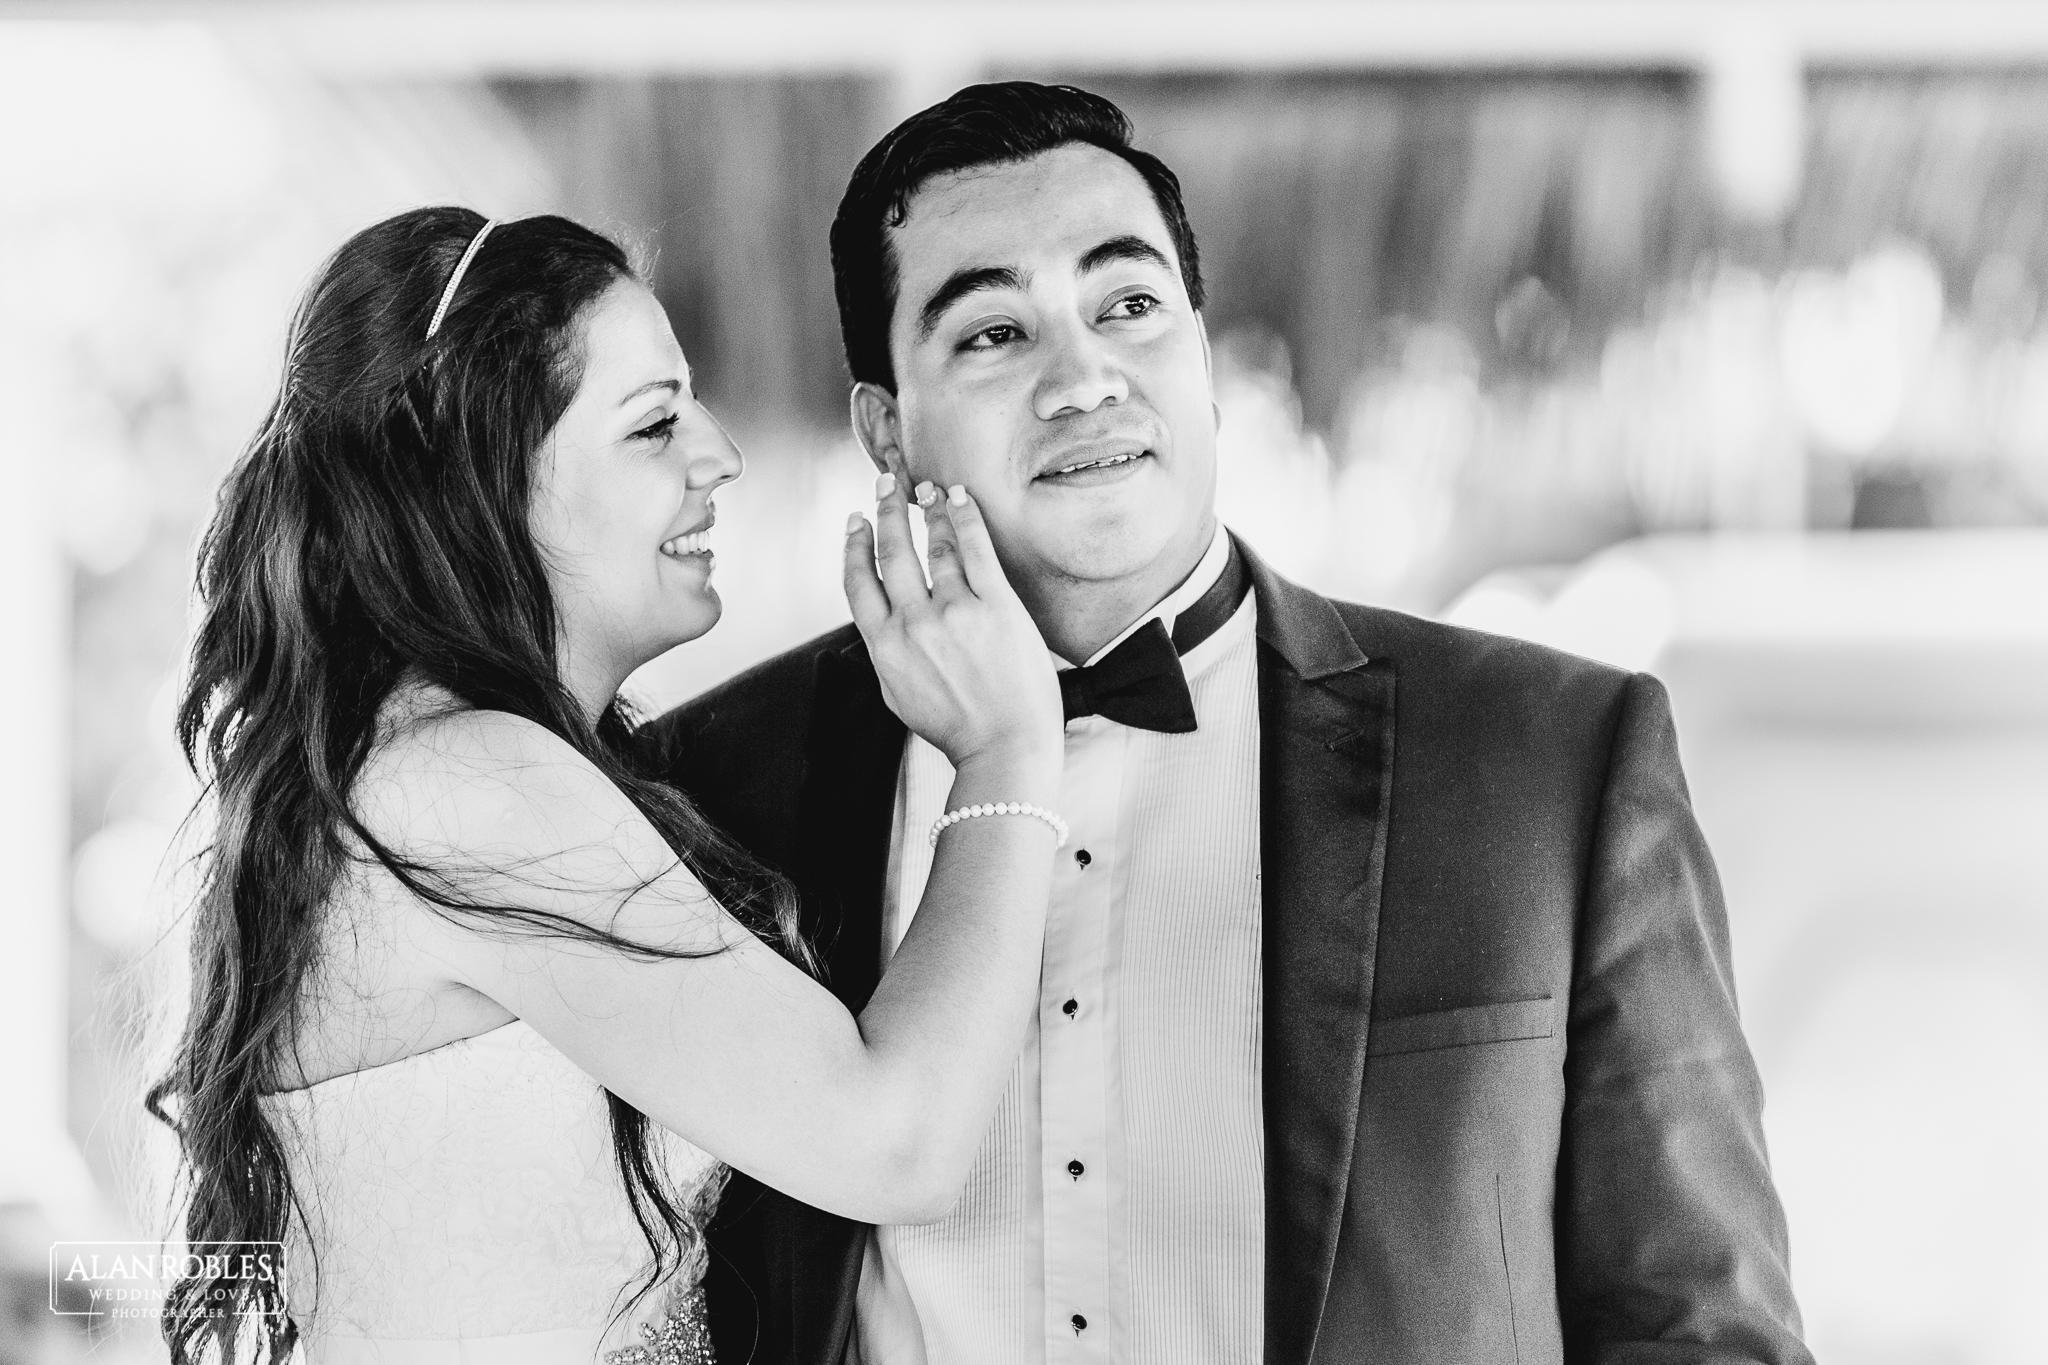 Novio llorando en su boda. Novia enamorada. Alan Robles Fotografo de bodas en Guadalajara.